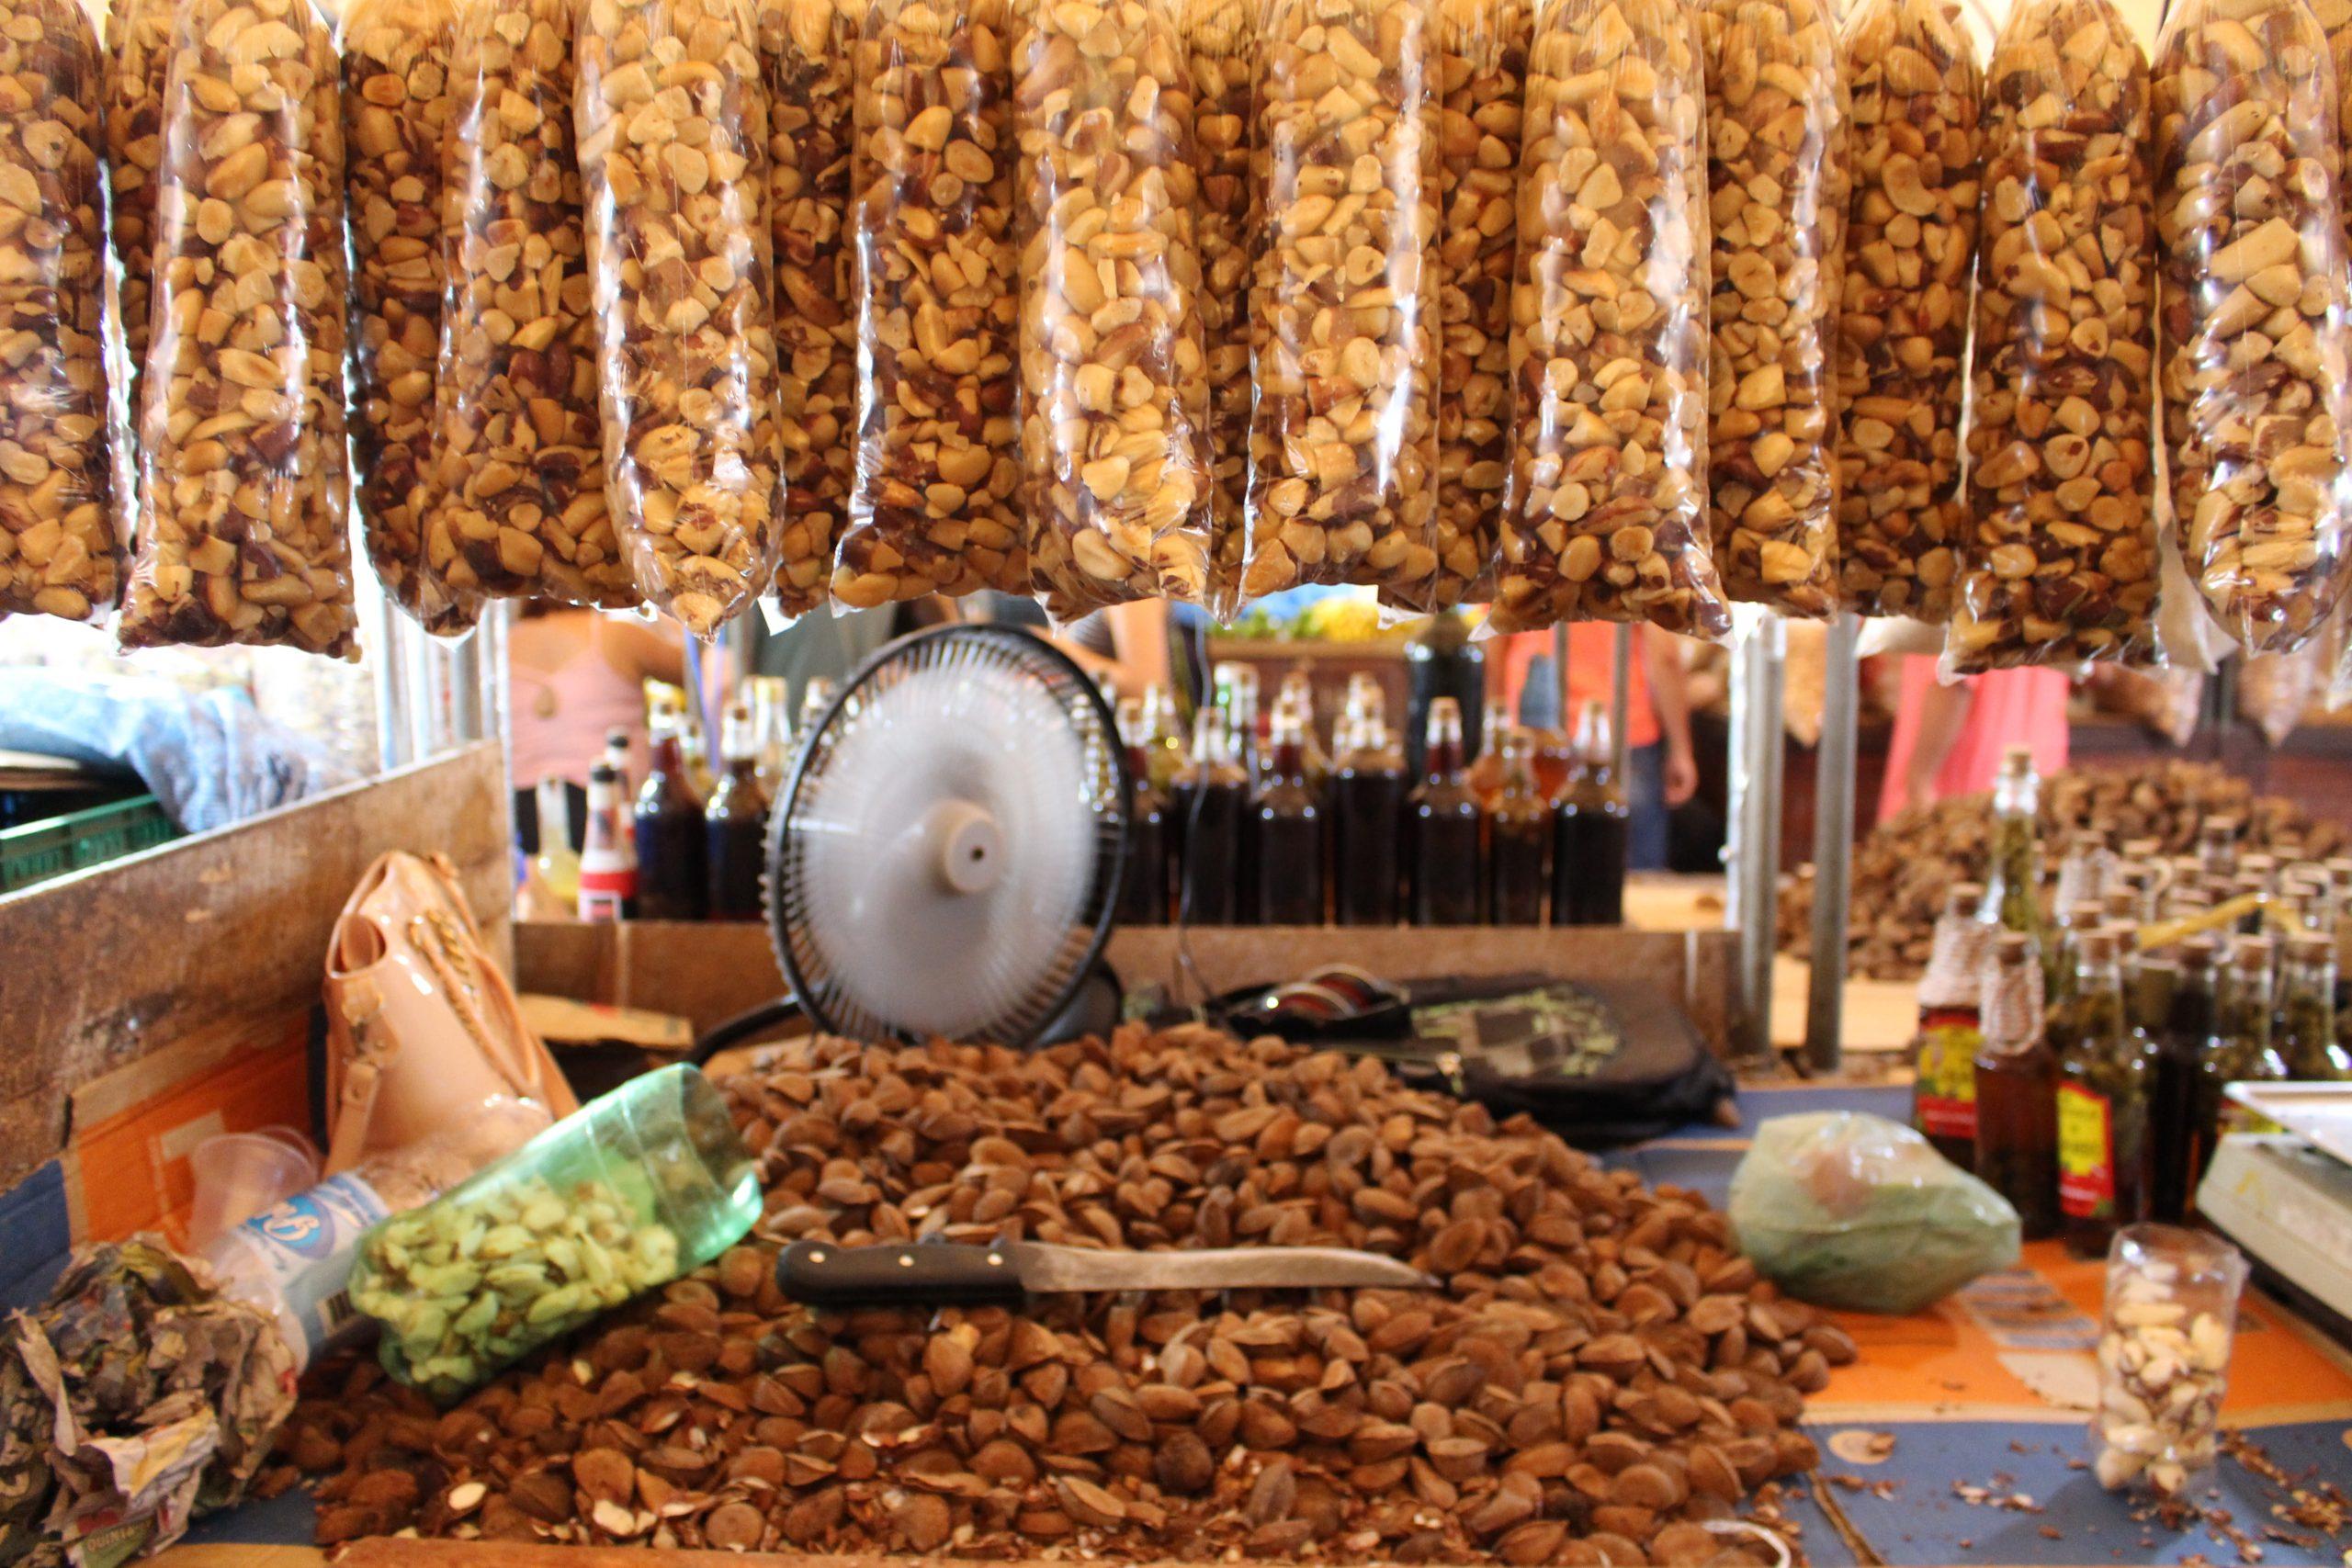 mercado-_ver_o_peso_castanhas